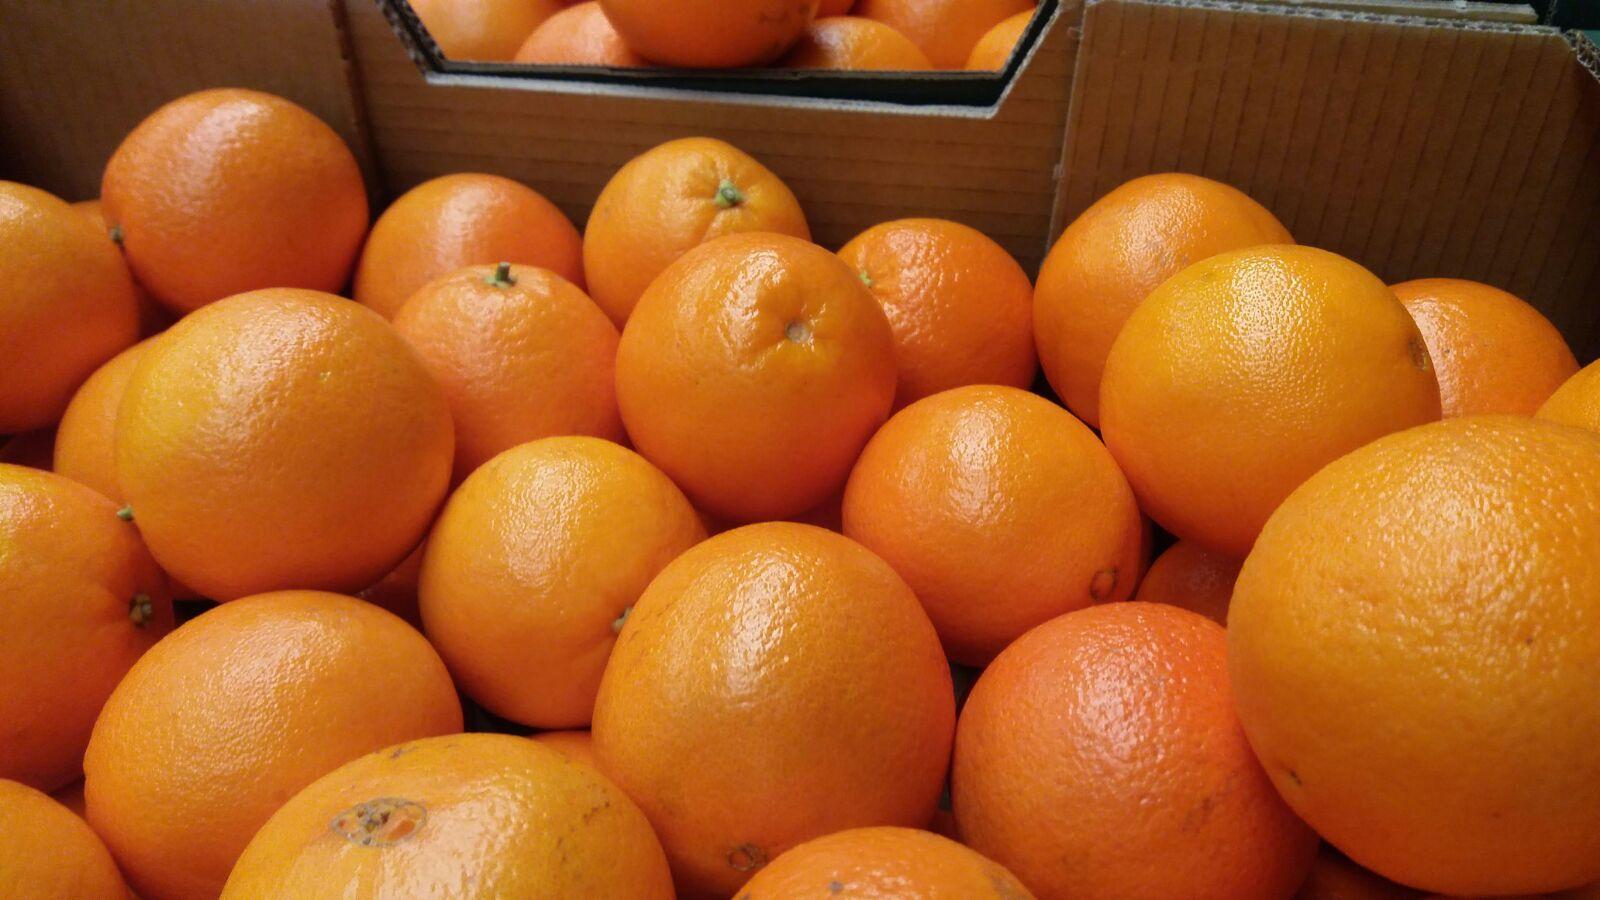 jus d'orange pour machines à jus